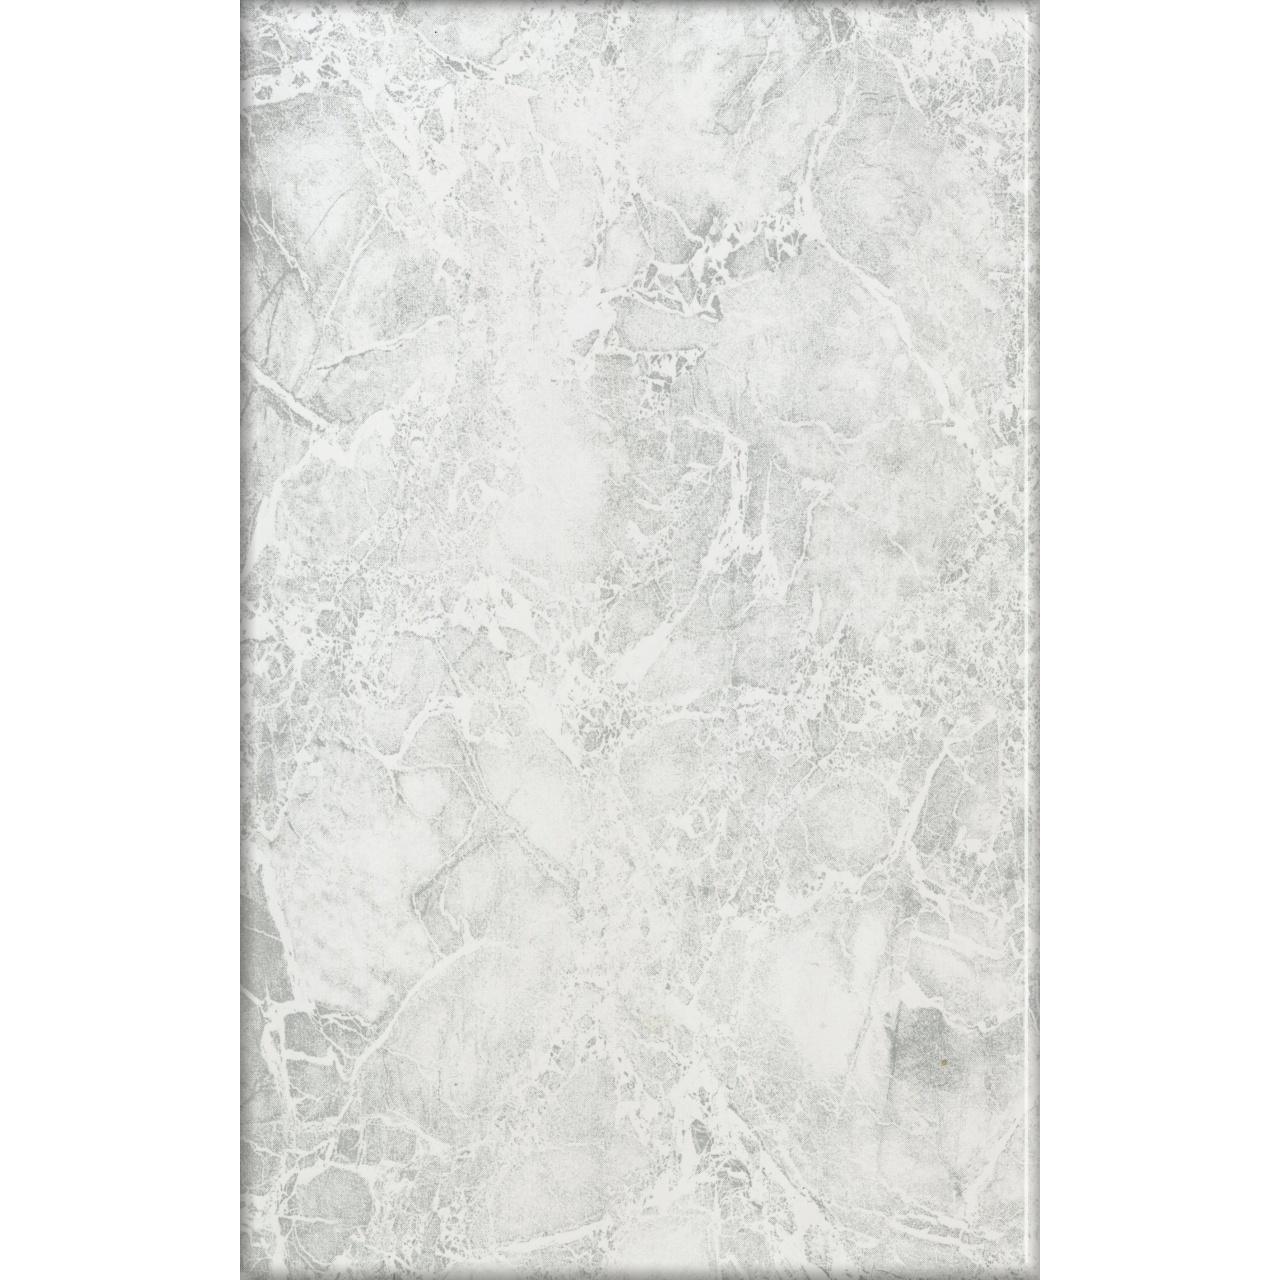 Фото - Плитка PiezaRosa Цезарь 122571 25x40 см декор piezarosa цезарь 1 серый 25х40 см 342571